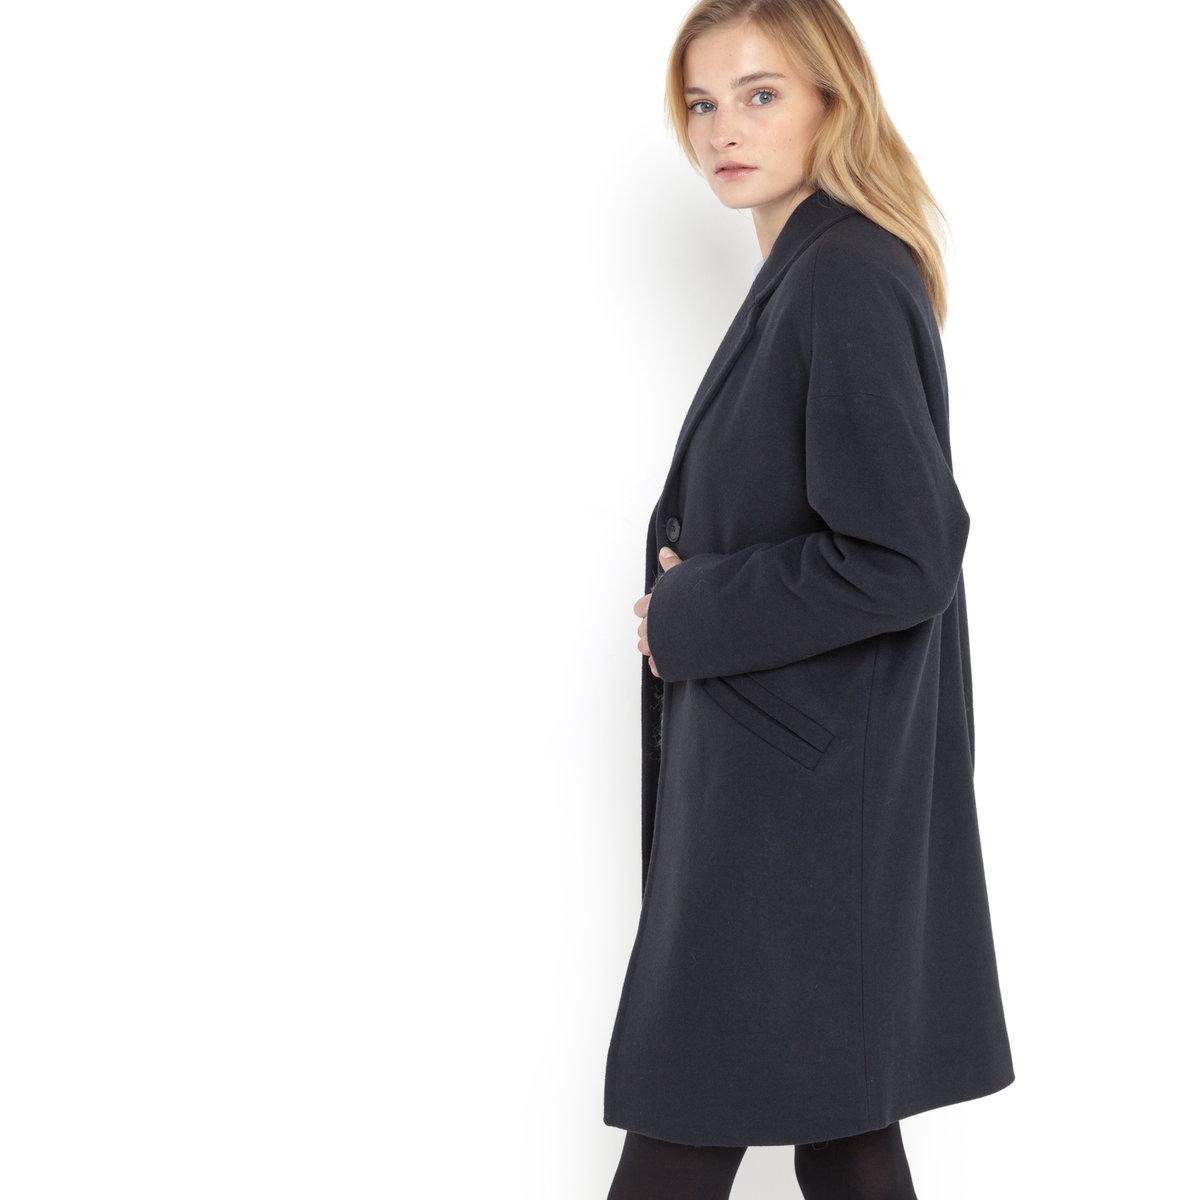 Пальто закругленной формыШирокое пальто закругленной формы. Застежка на 2 пуговицы. 2 кармана. 80% шерсти, 20% полиэстера, подкладка из 100% полиэстера. Длина 92 см.<br><br>Цвет: темно-синий<br>Размер: 44 (FR) - 50 (RUS)